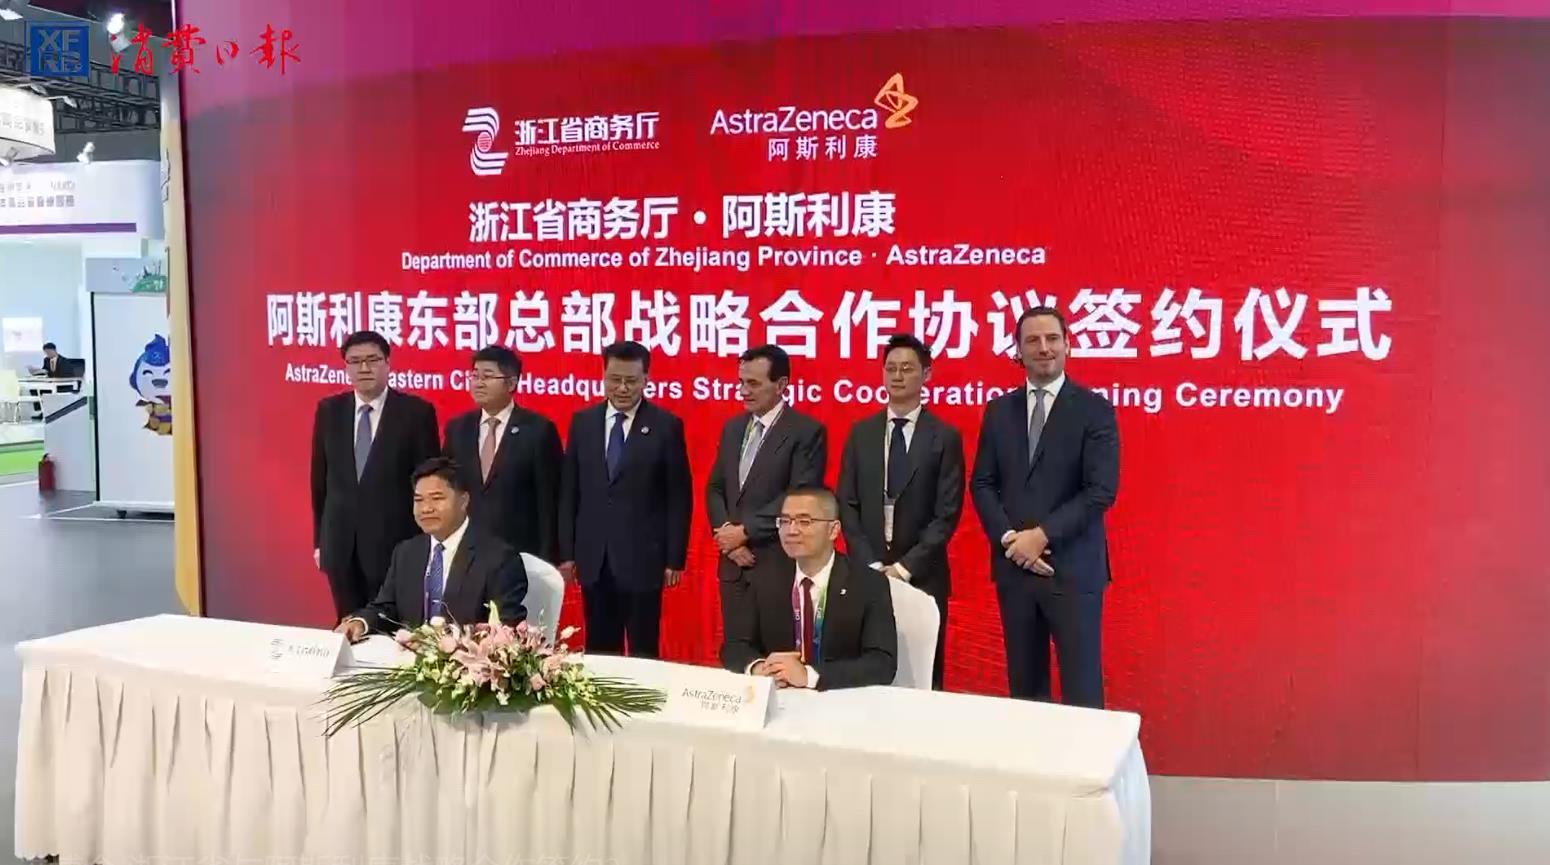 进博会 | 浙江省与阿斯利康战略合作签约